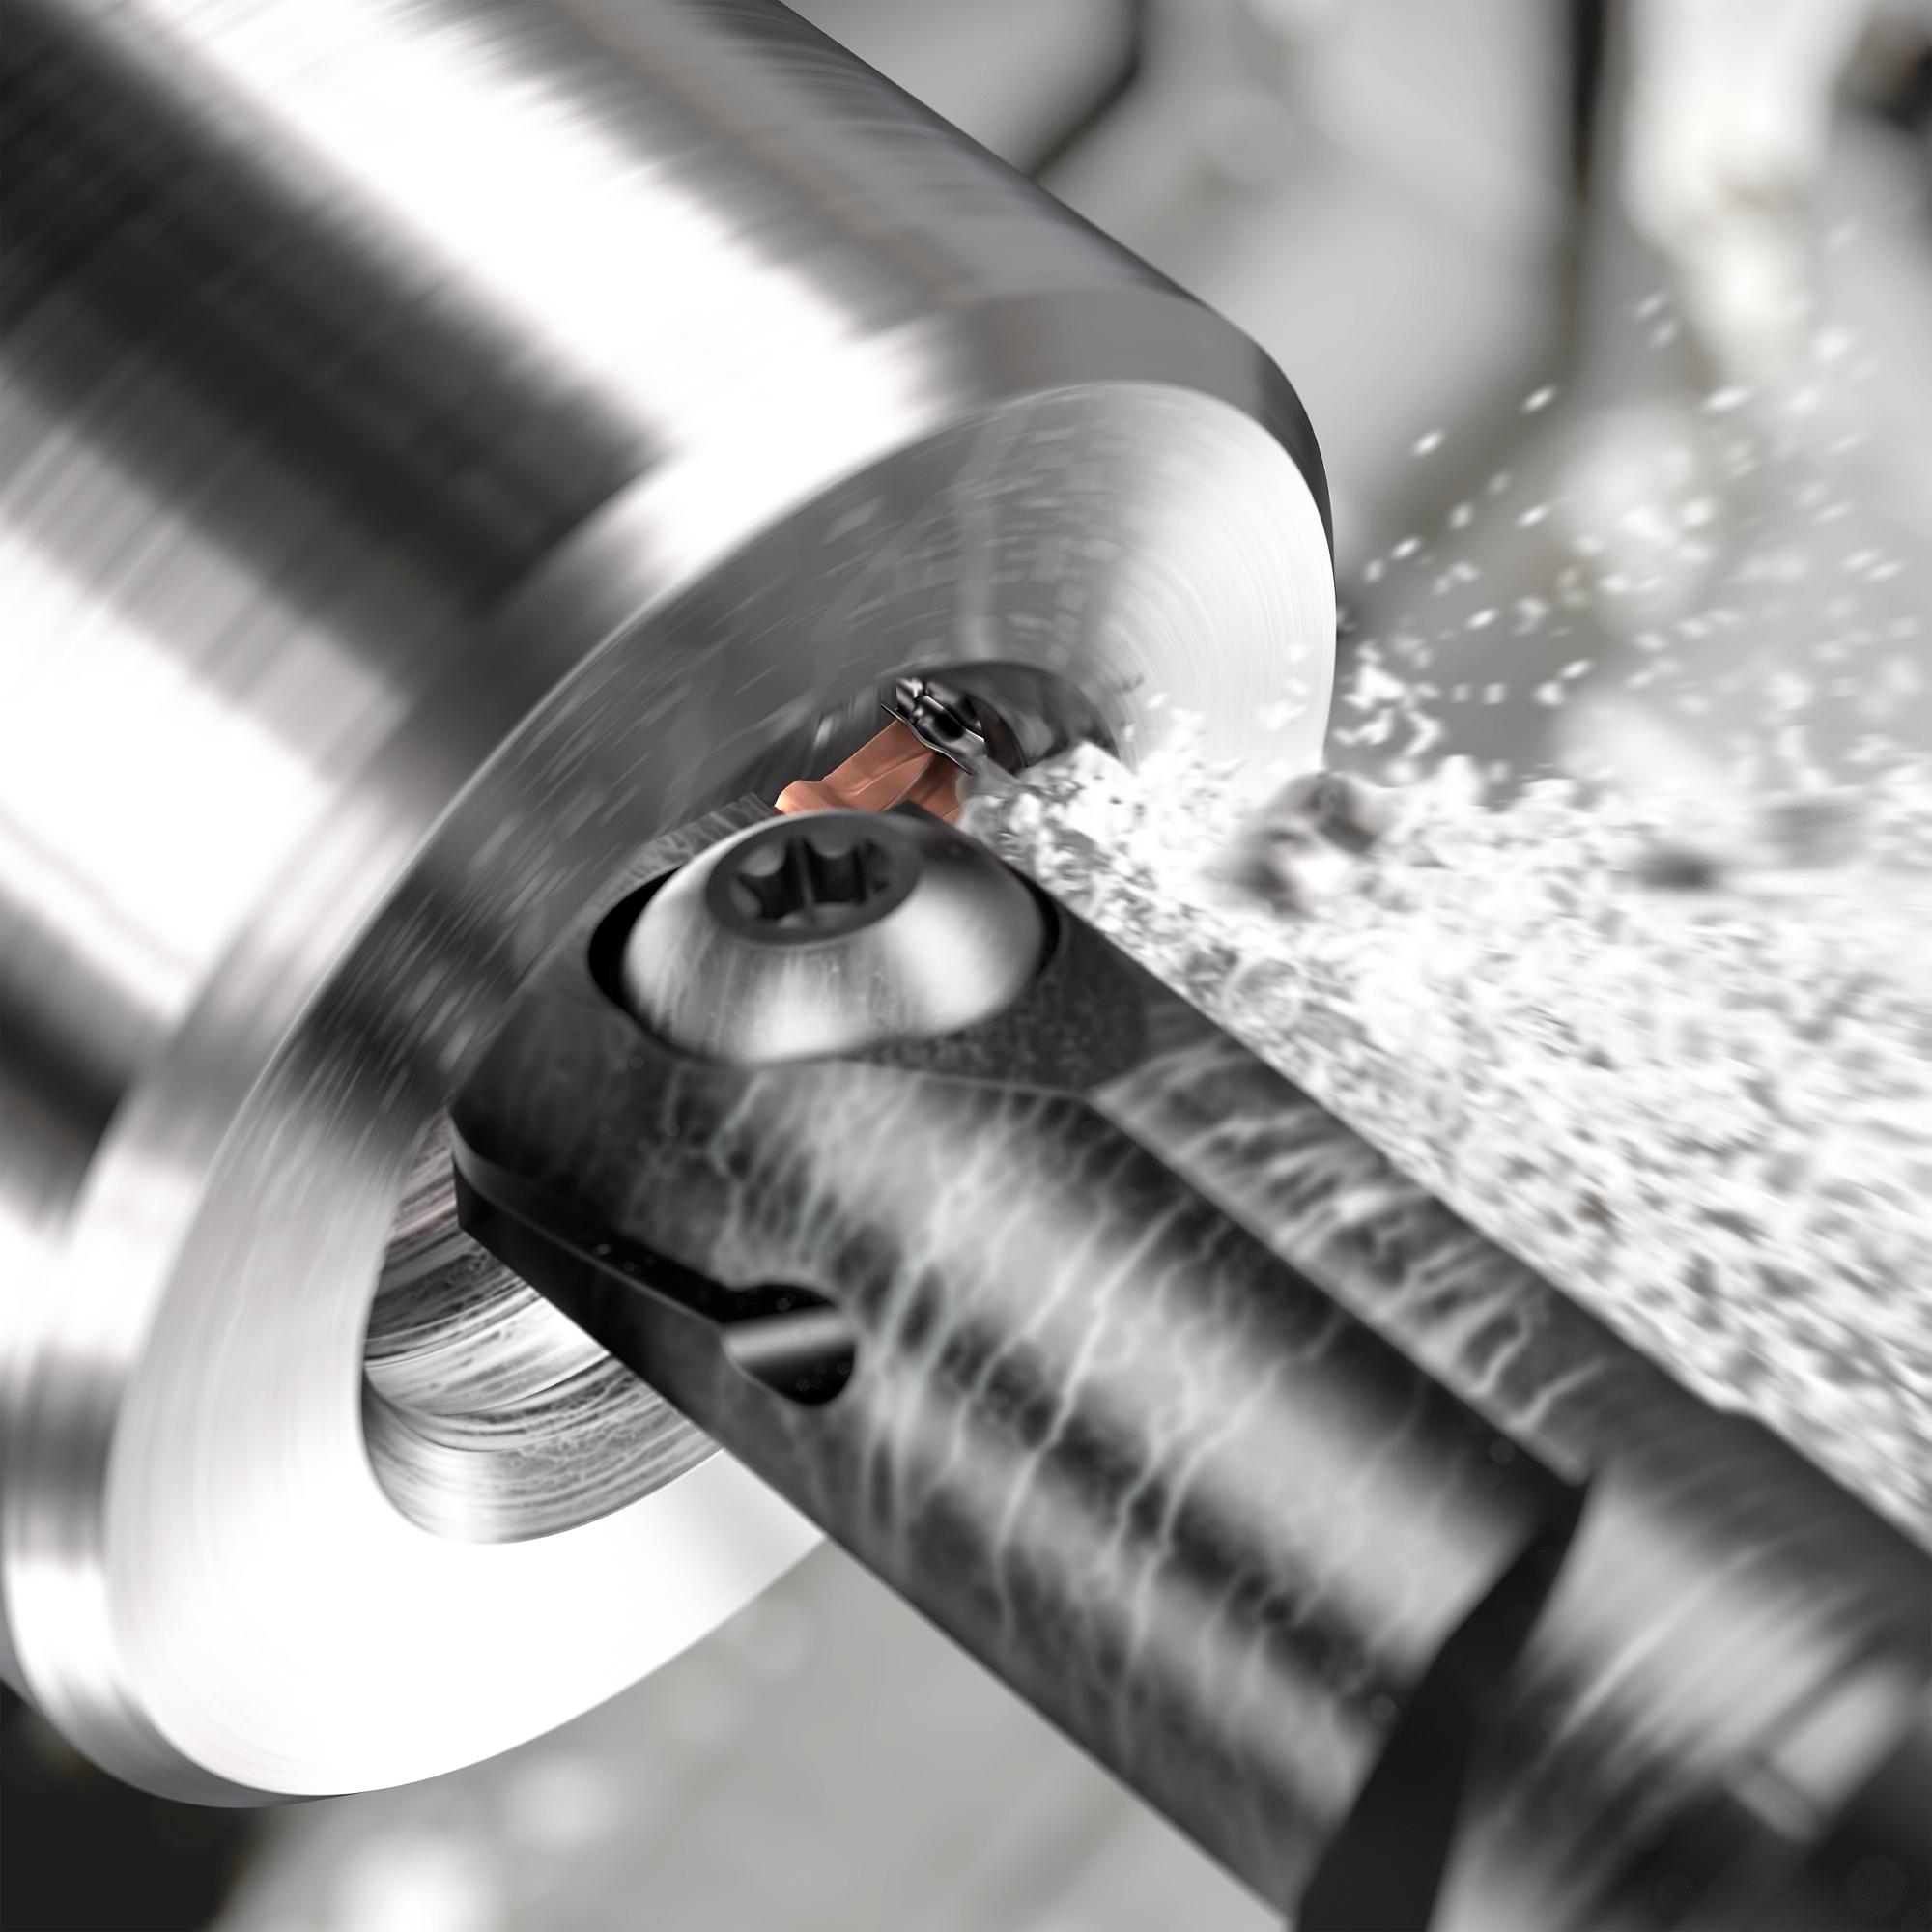 Высокоточная обработка канавок малого диаметра от Sandvik Coromant